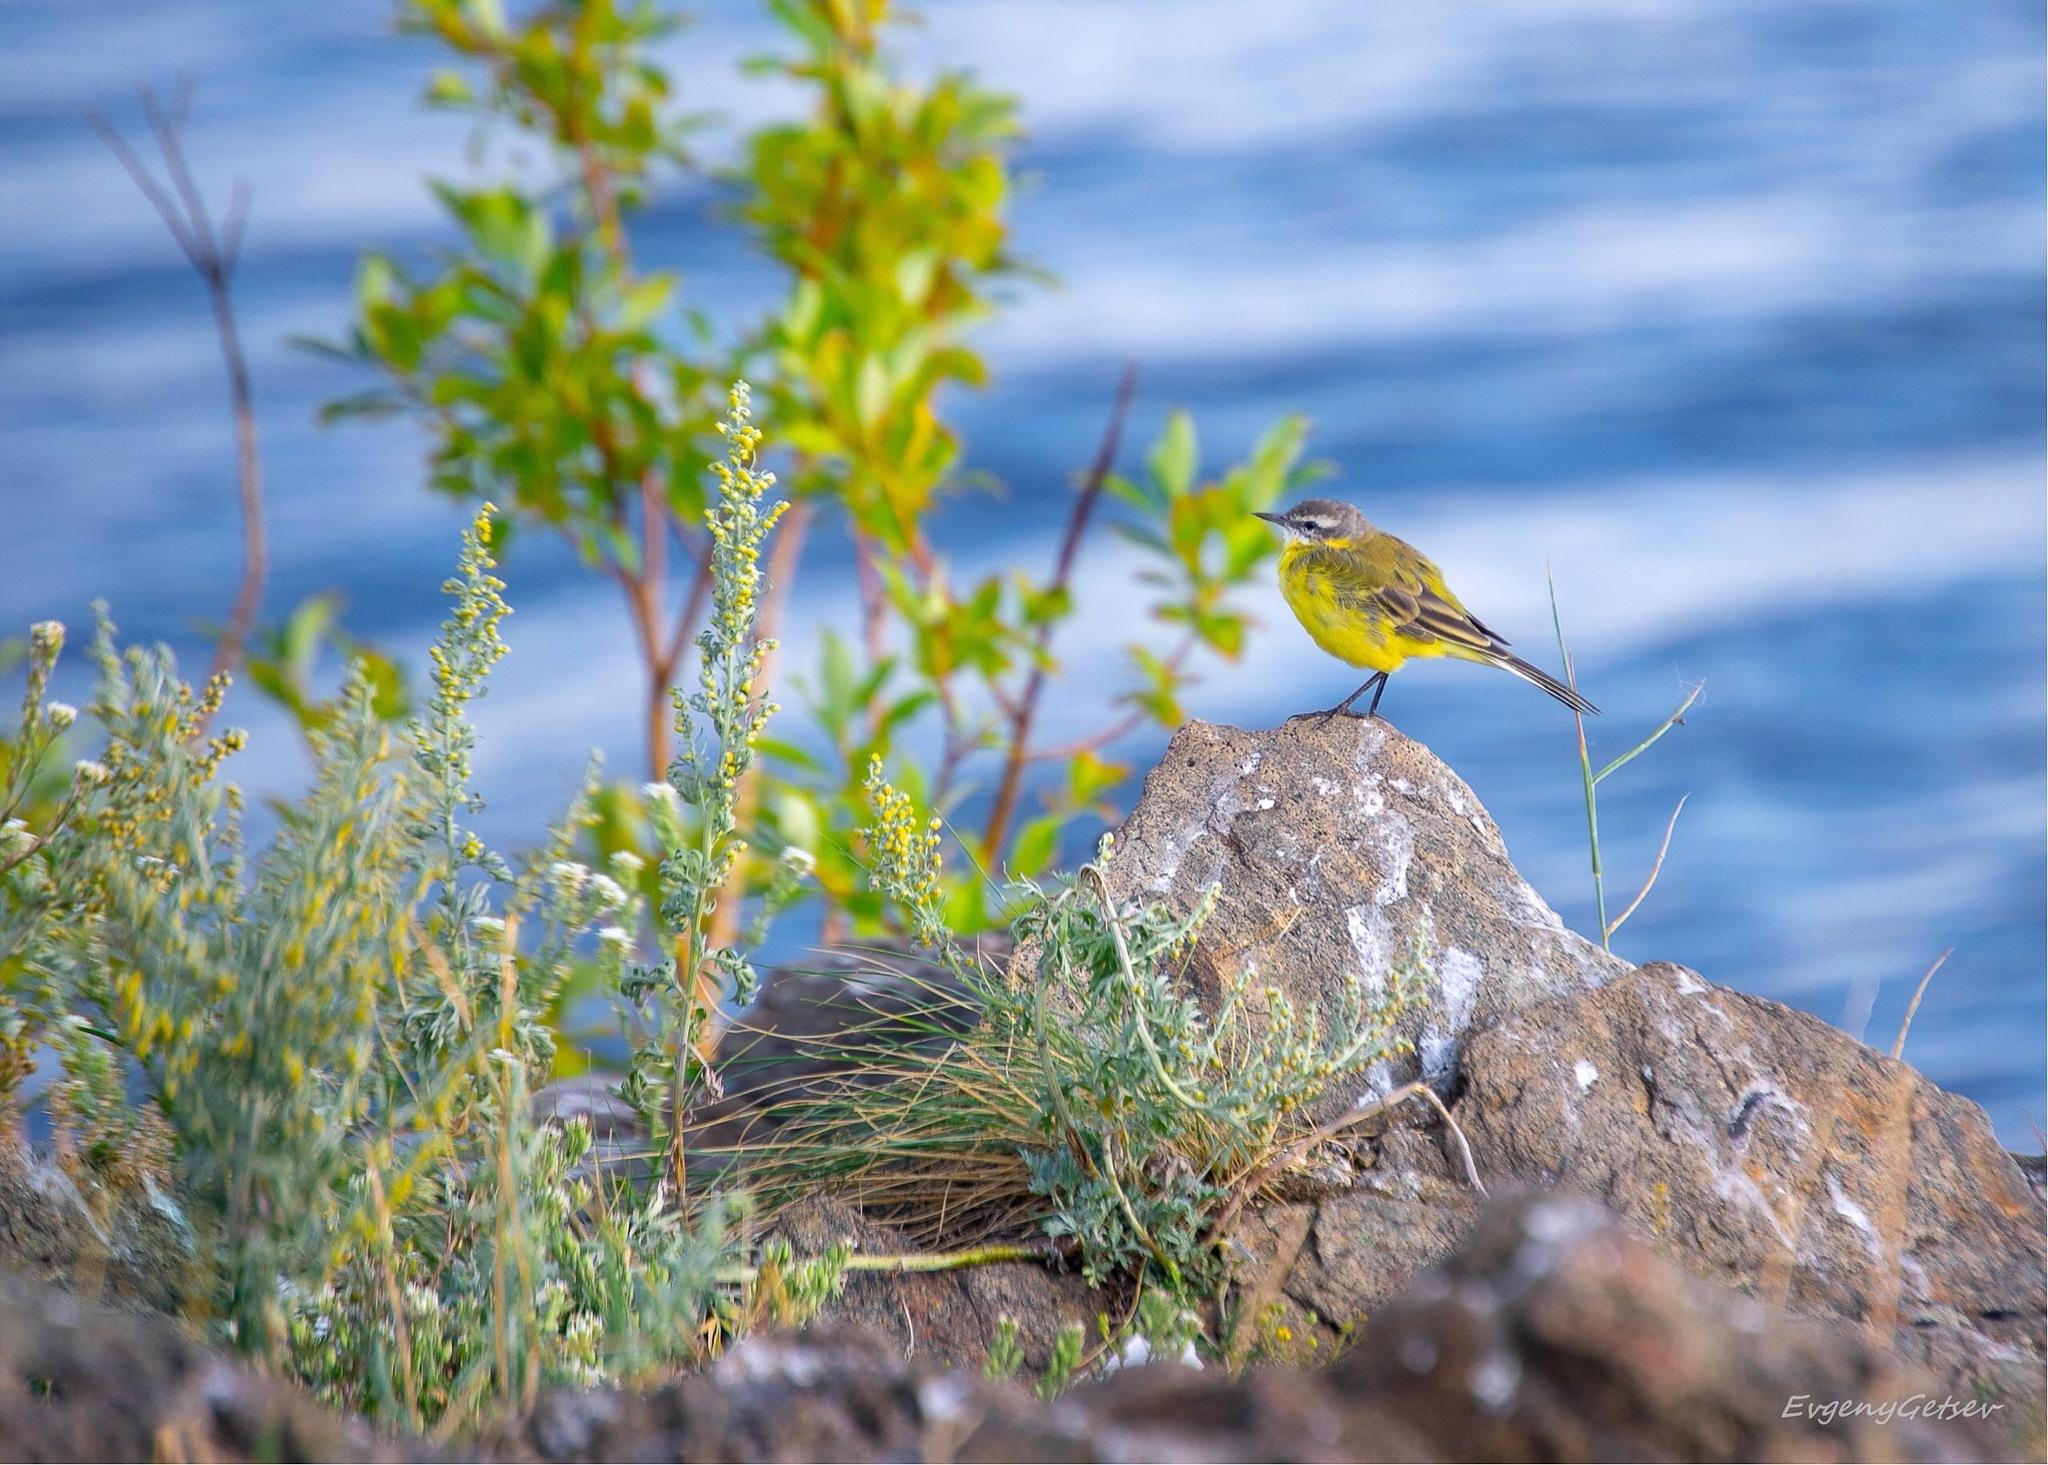 Yellow Bird by Evgeny Getsev